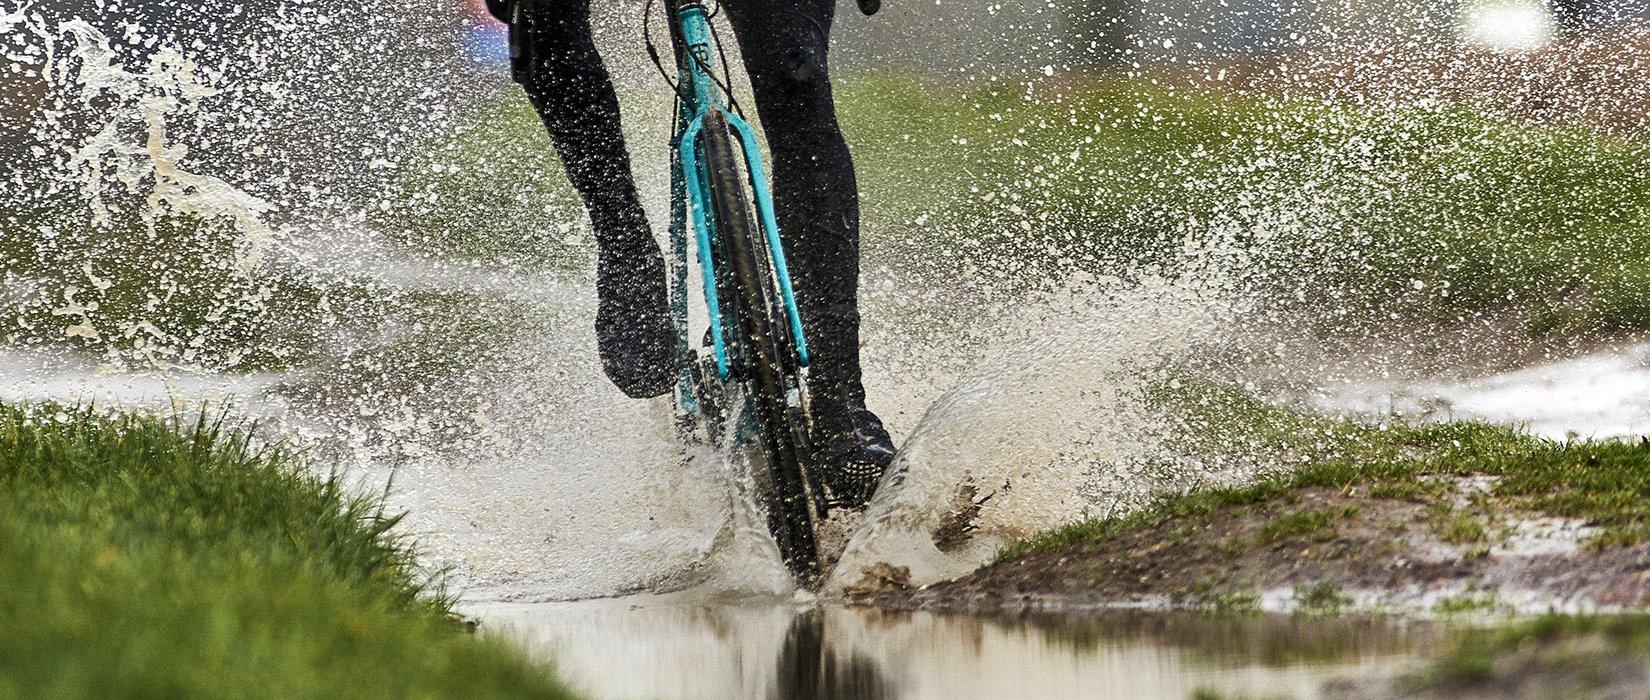 ochraniacze na buty rowerowe są wodoodporne